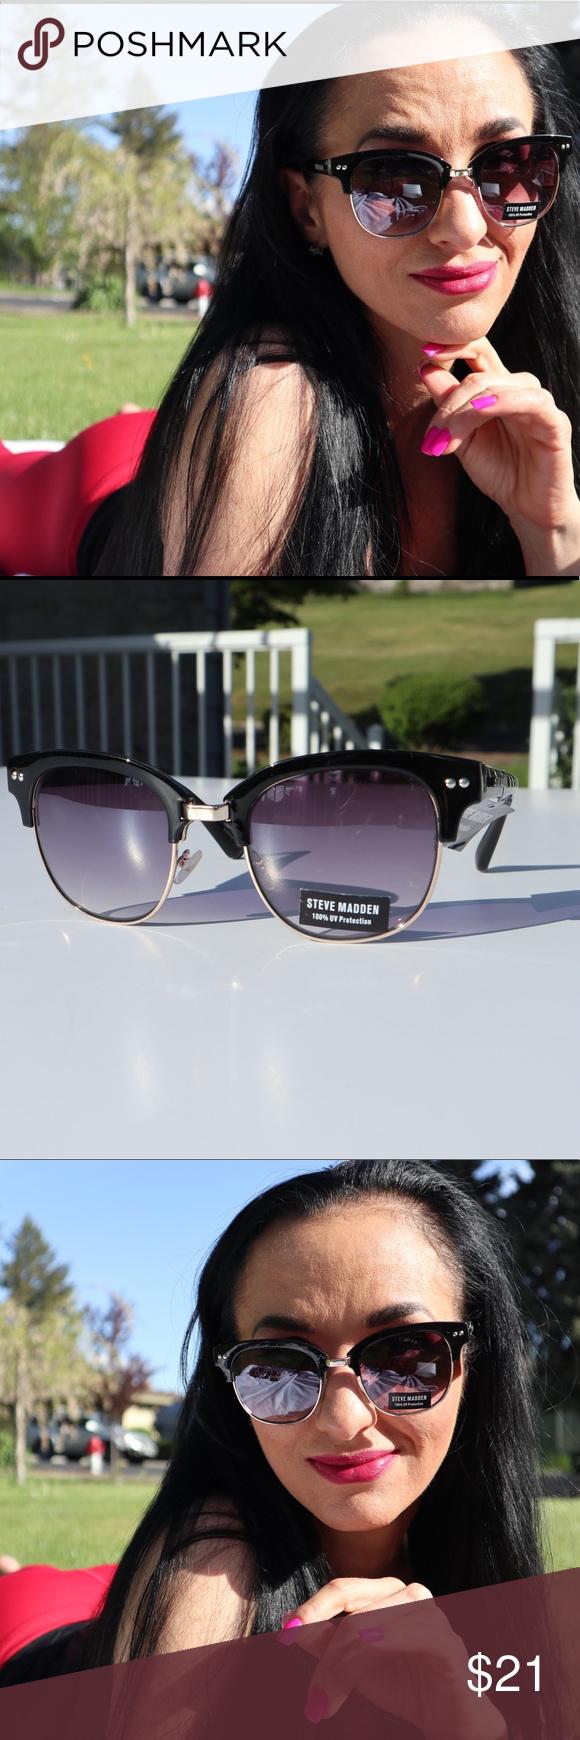 a27d8712aba1 NWT Steve Madden 100% UV Protection sunglasses NWT Steve Madden 100% UV  Protection sunglasses